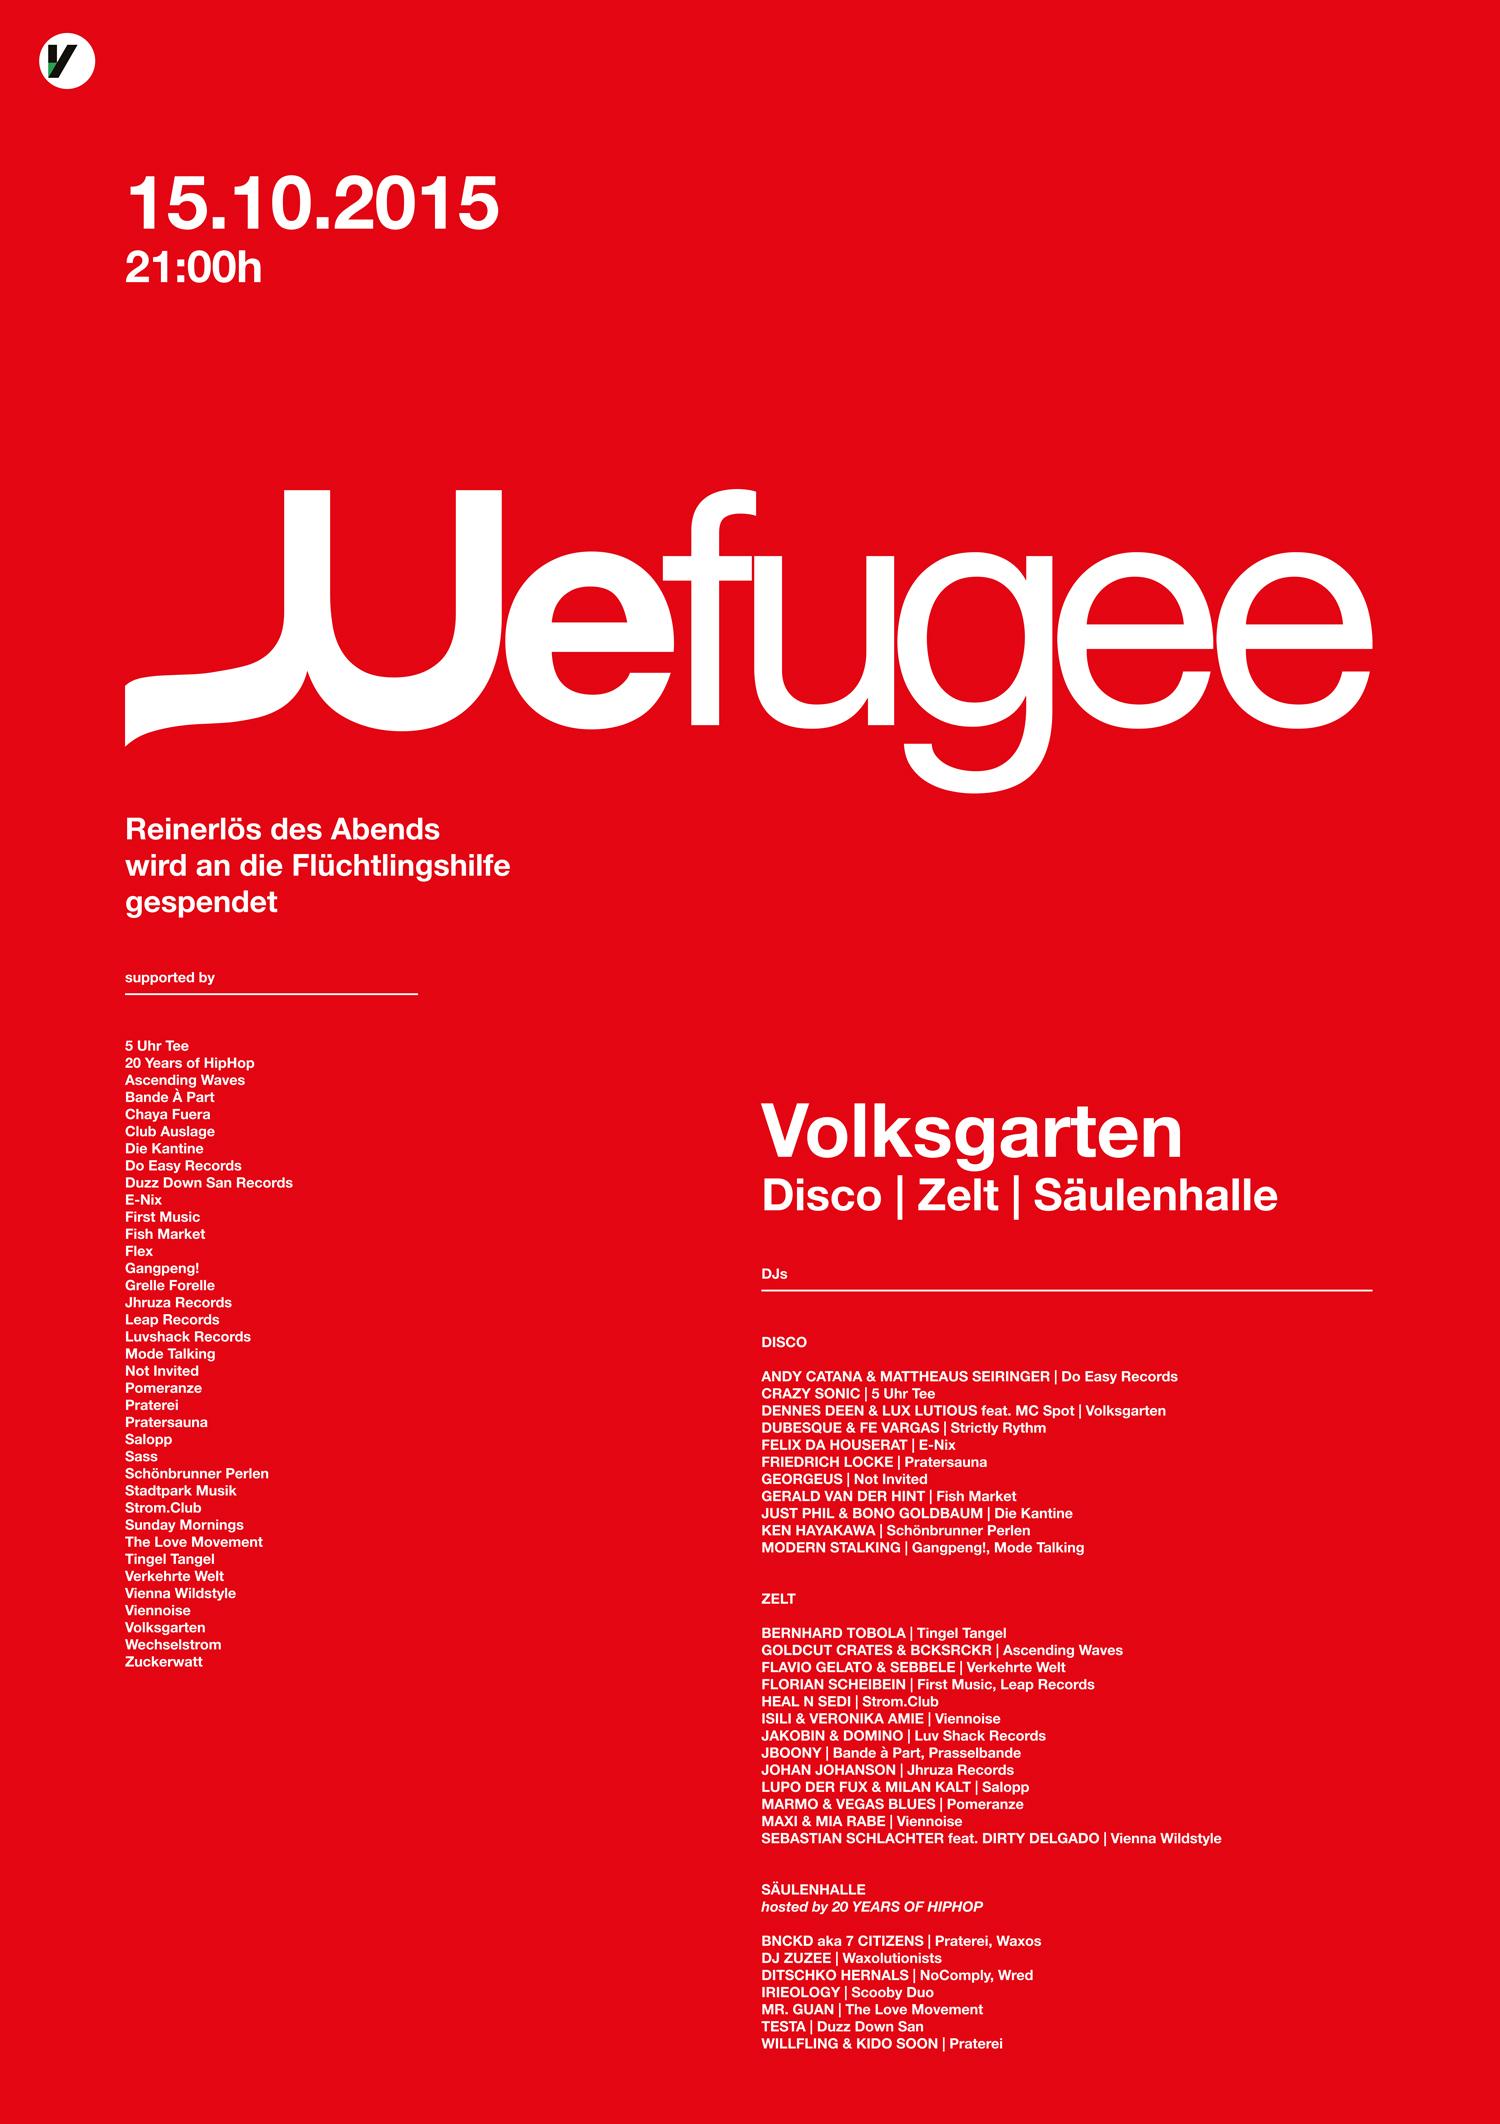 Wefugee Sujet